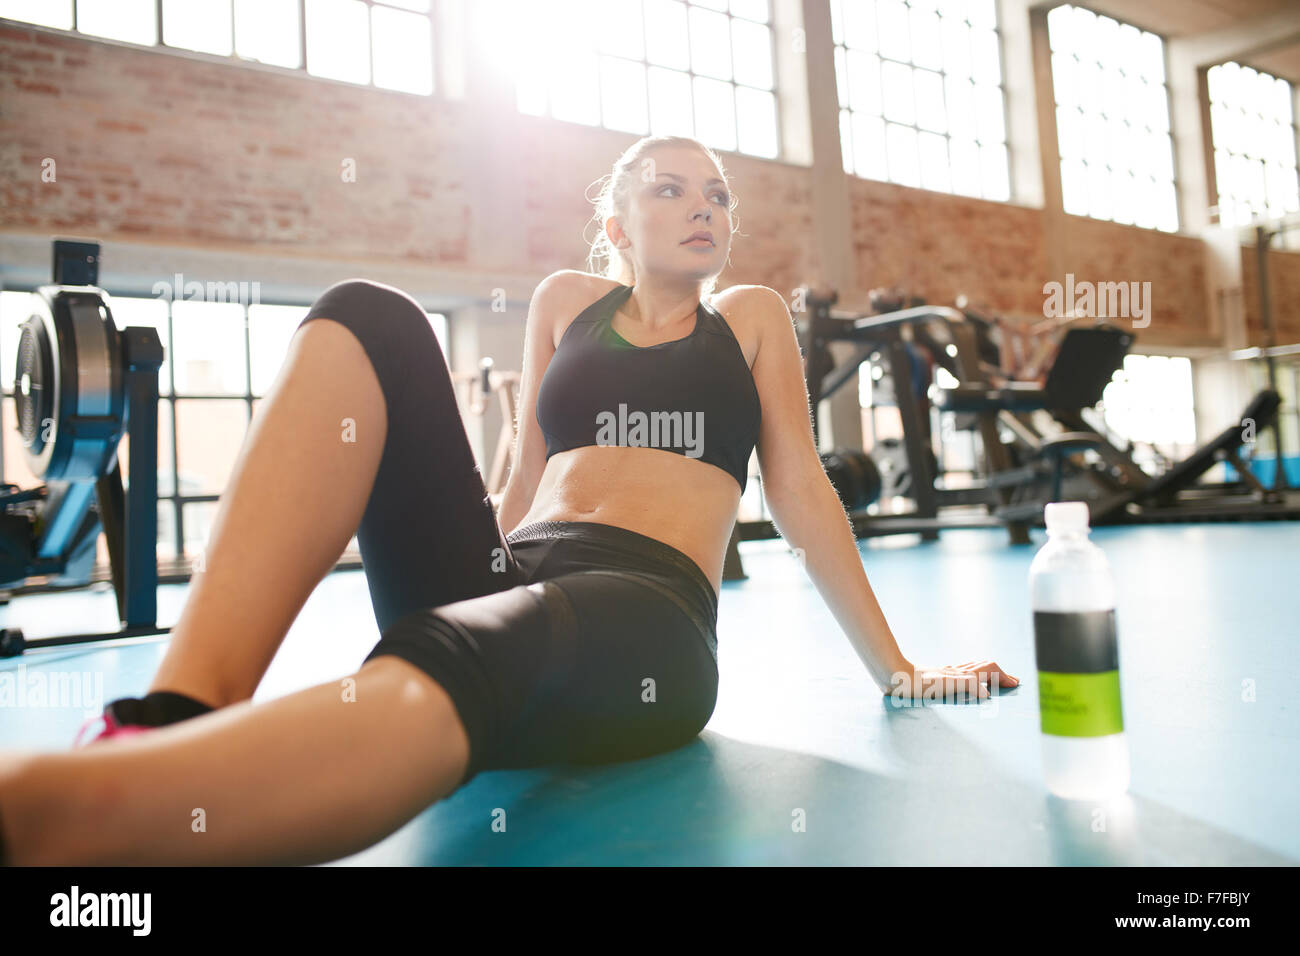 Portrait d'une jeune femme lors d'une pause dans la salle de sport. Portrait de femme à l'écart, se reposant après Banque D'Images